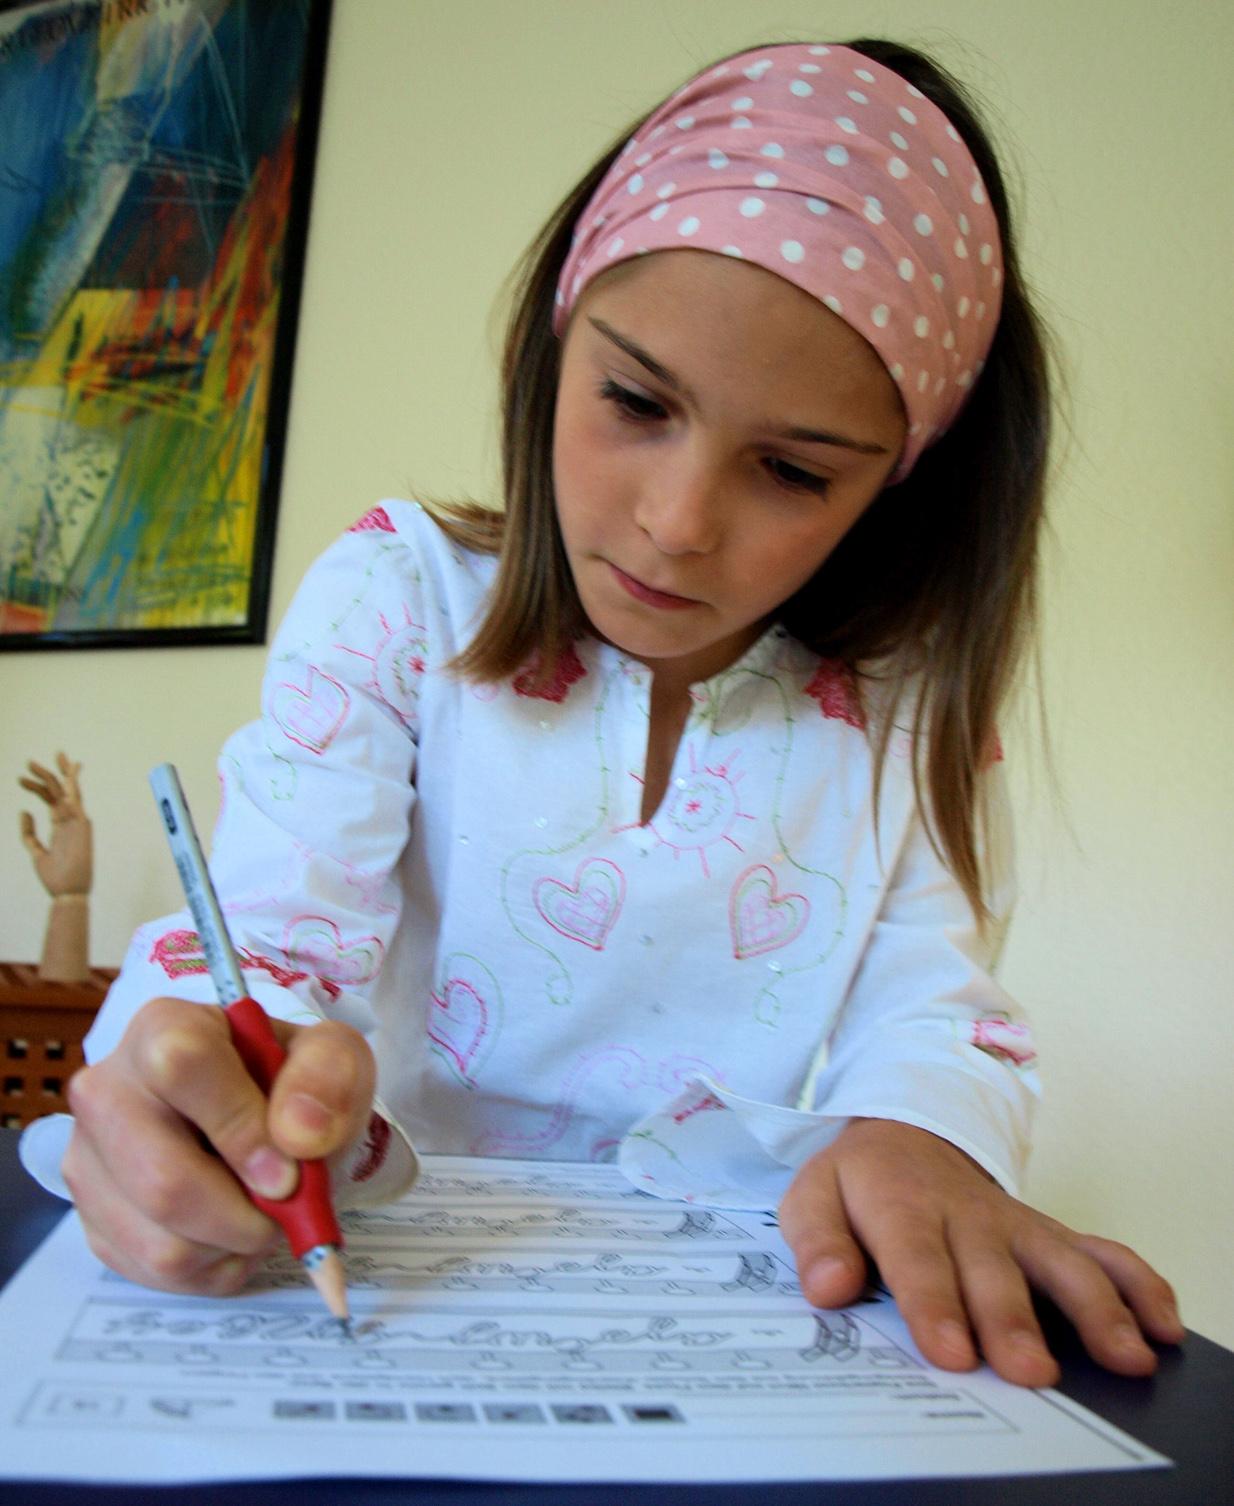 Schreibtraining, um Lesbarkeit und flüssiges Schreiben zu ermöglichen